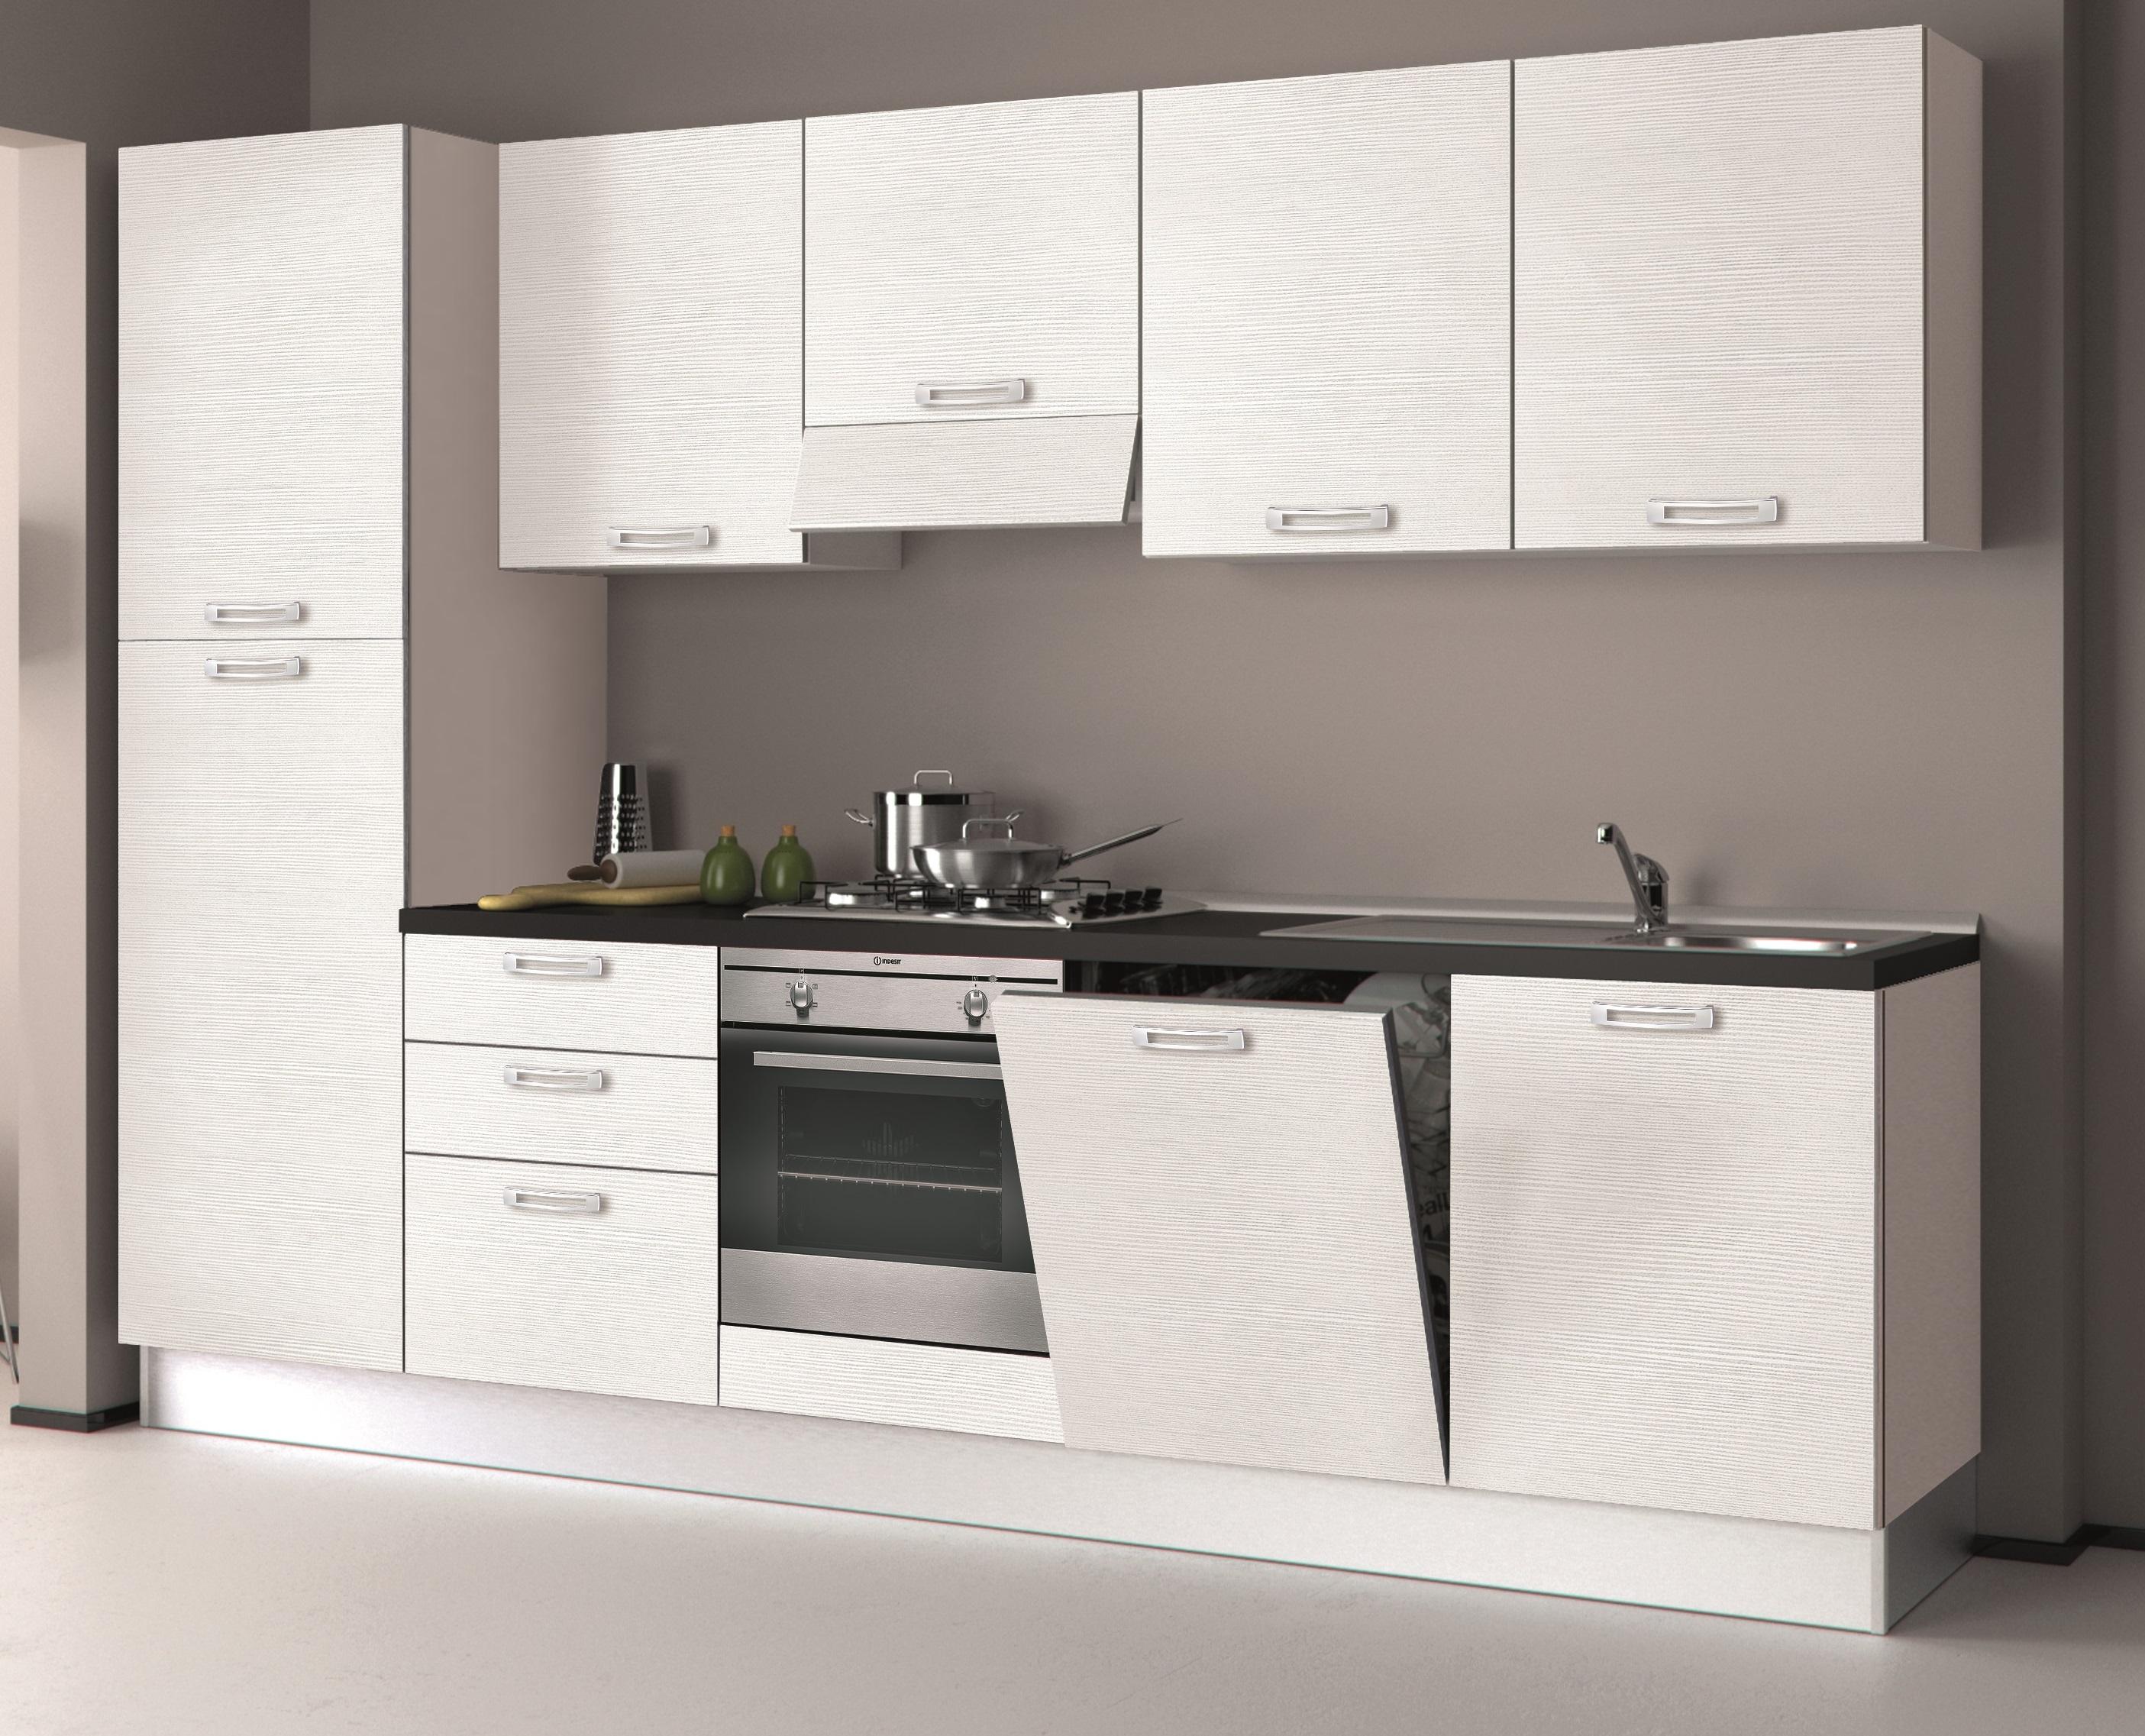 Promo 113l arredamenti centro cucine battistelli eric for Discount arredamenti